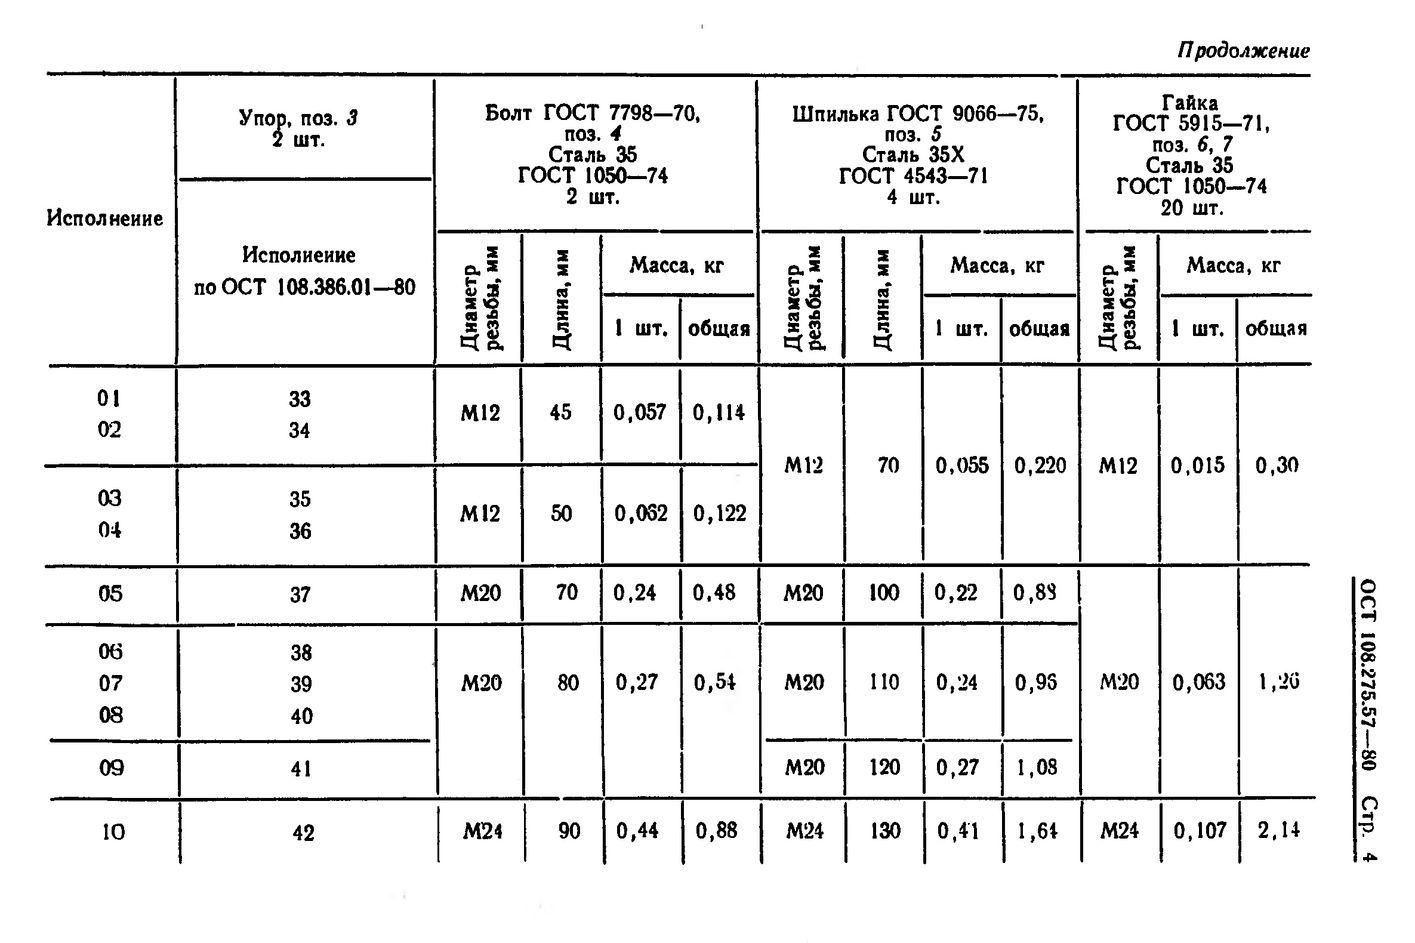 Блоки хомутовые для подвесок вертикальных трубопроводов ОСТ 108.275.57-80 стр.4